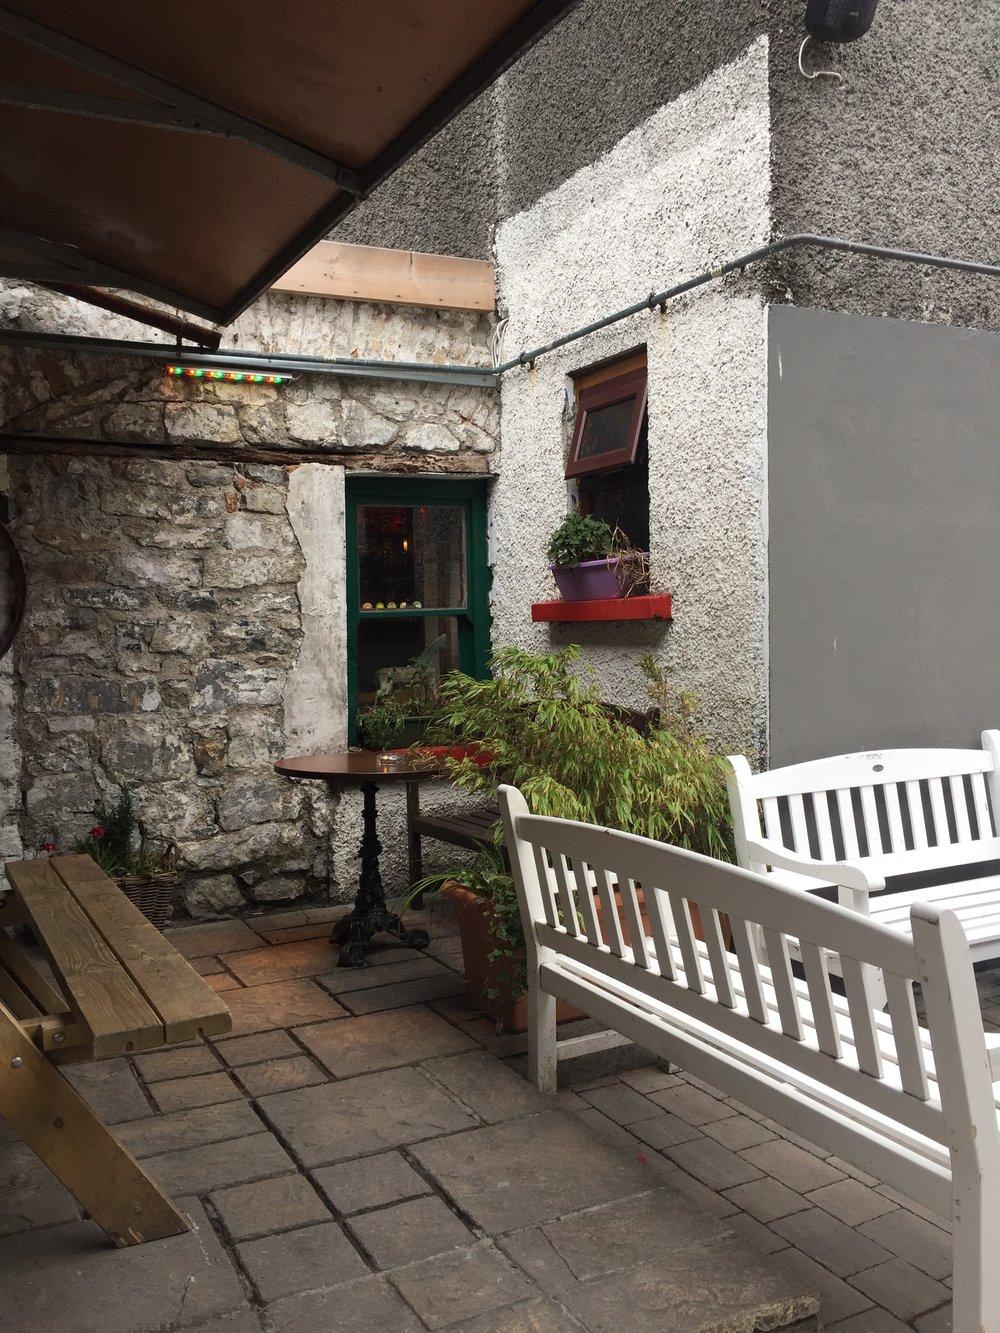 Galway_31.jpg